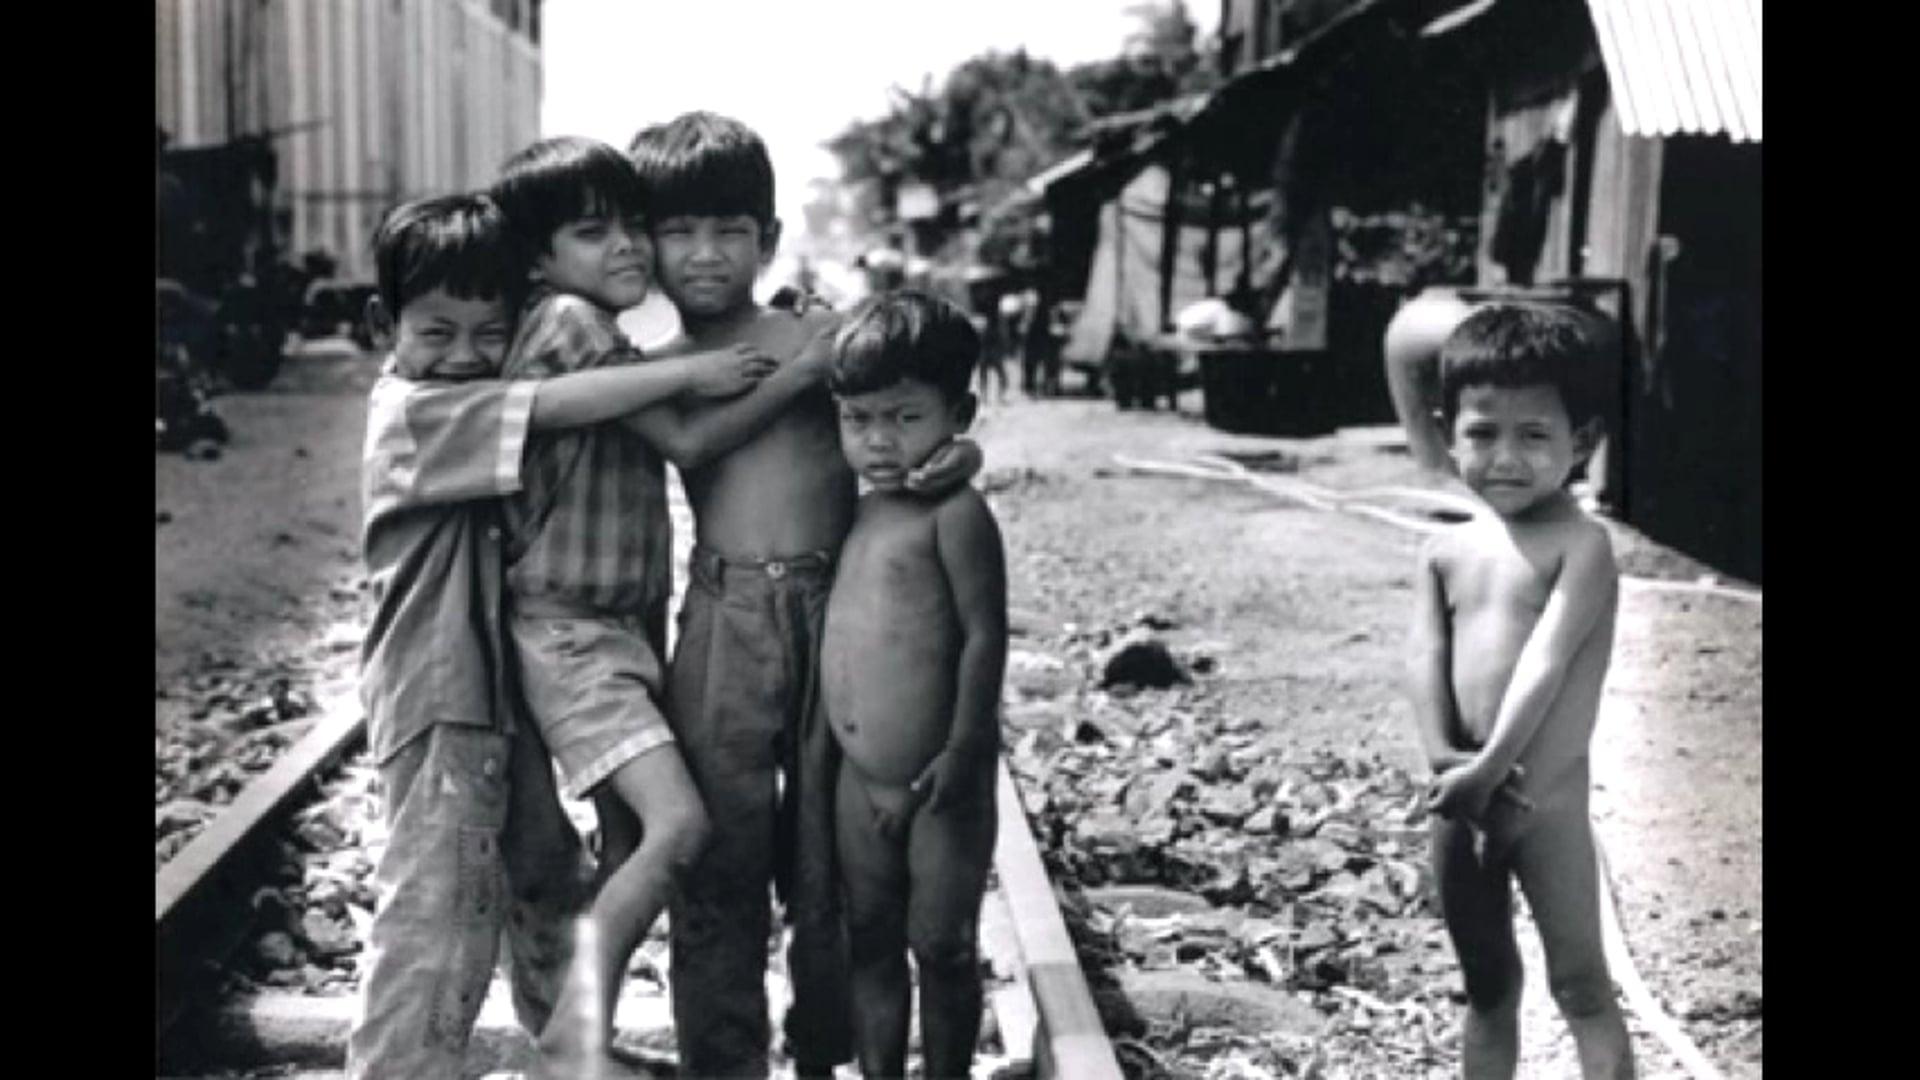 Famille du Cambodge